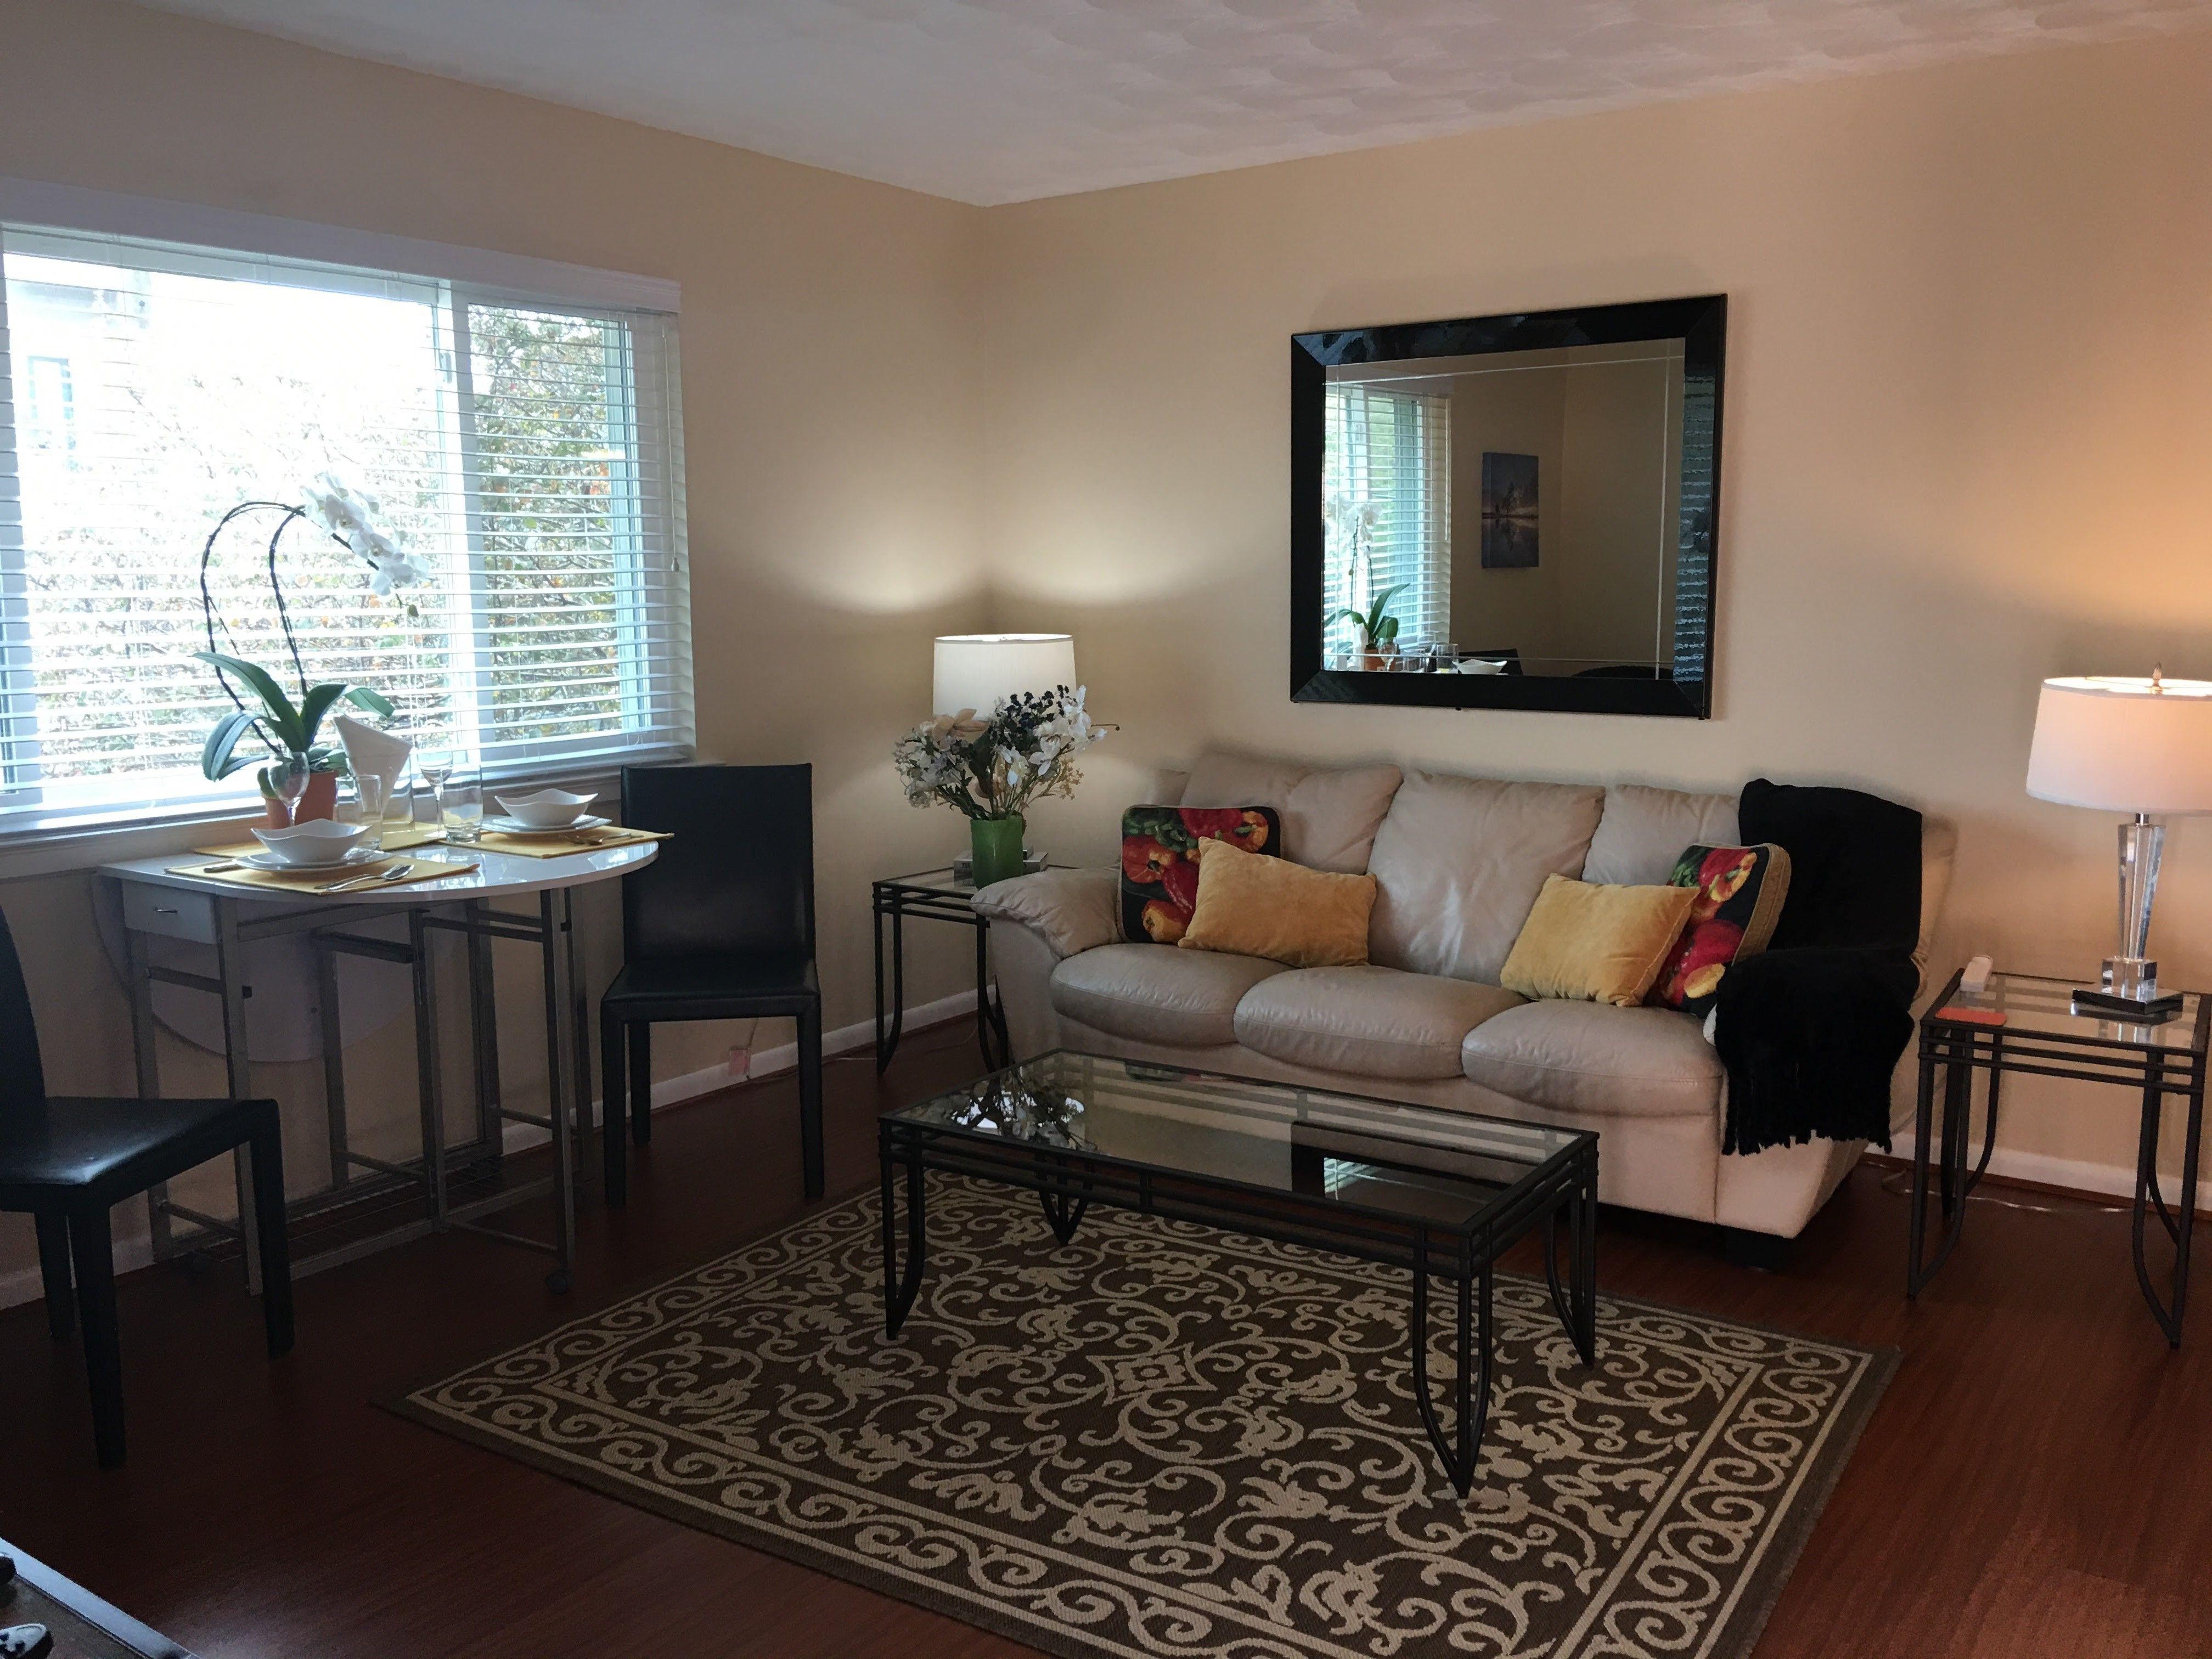 Best Apartments Rentals In Uptown Dallas Affordable Apartments Cool Apartments Small Cozy Apartment